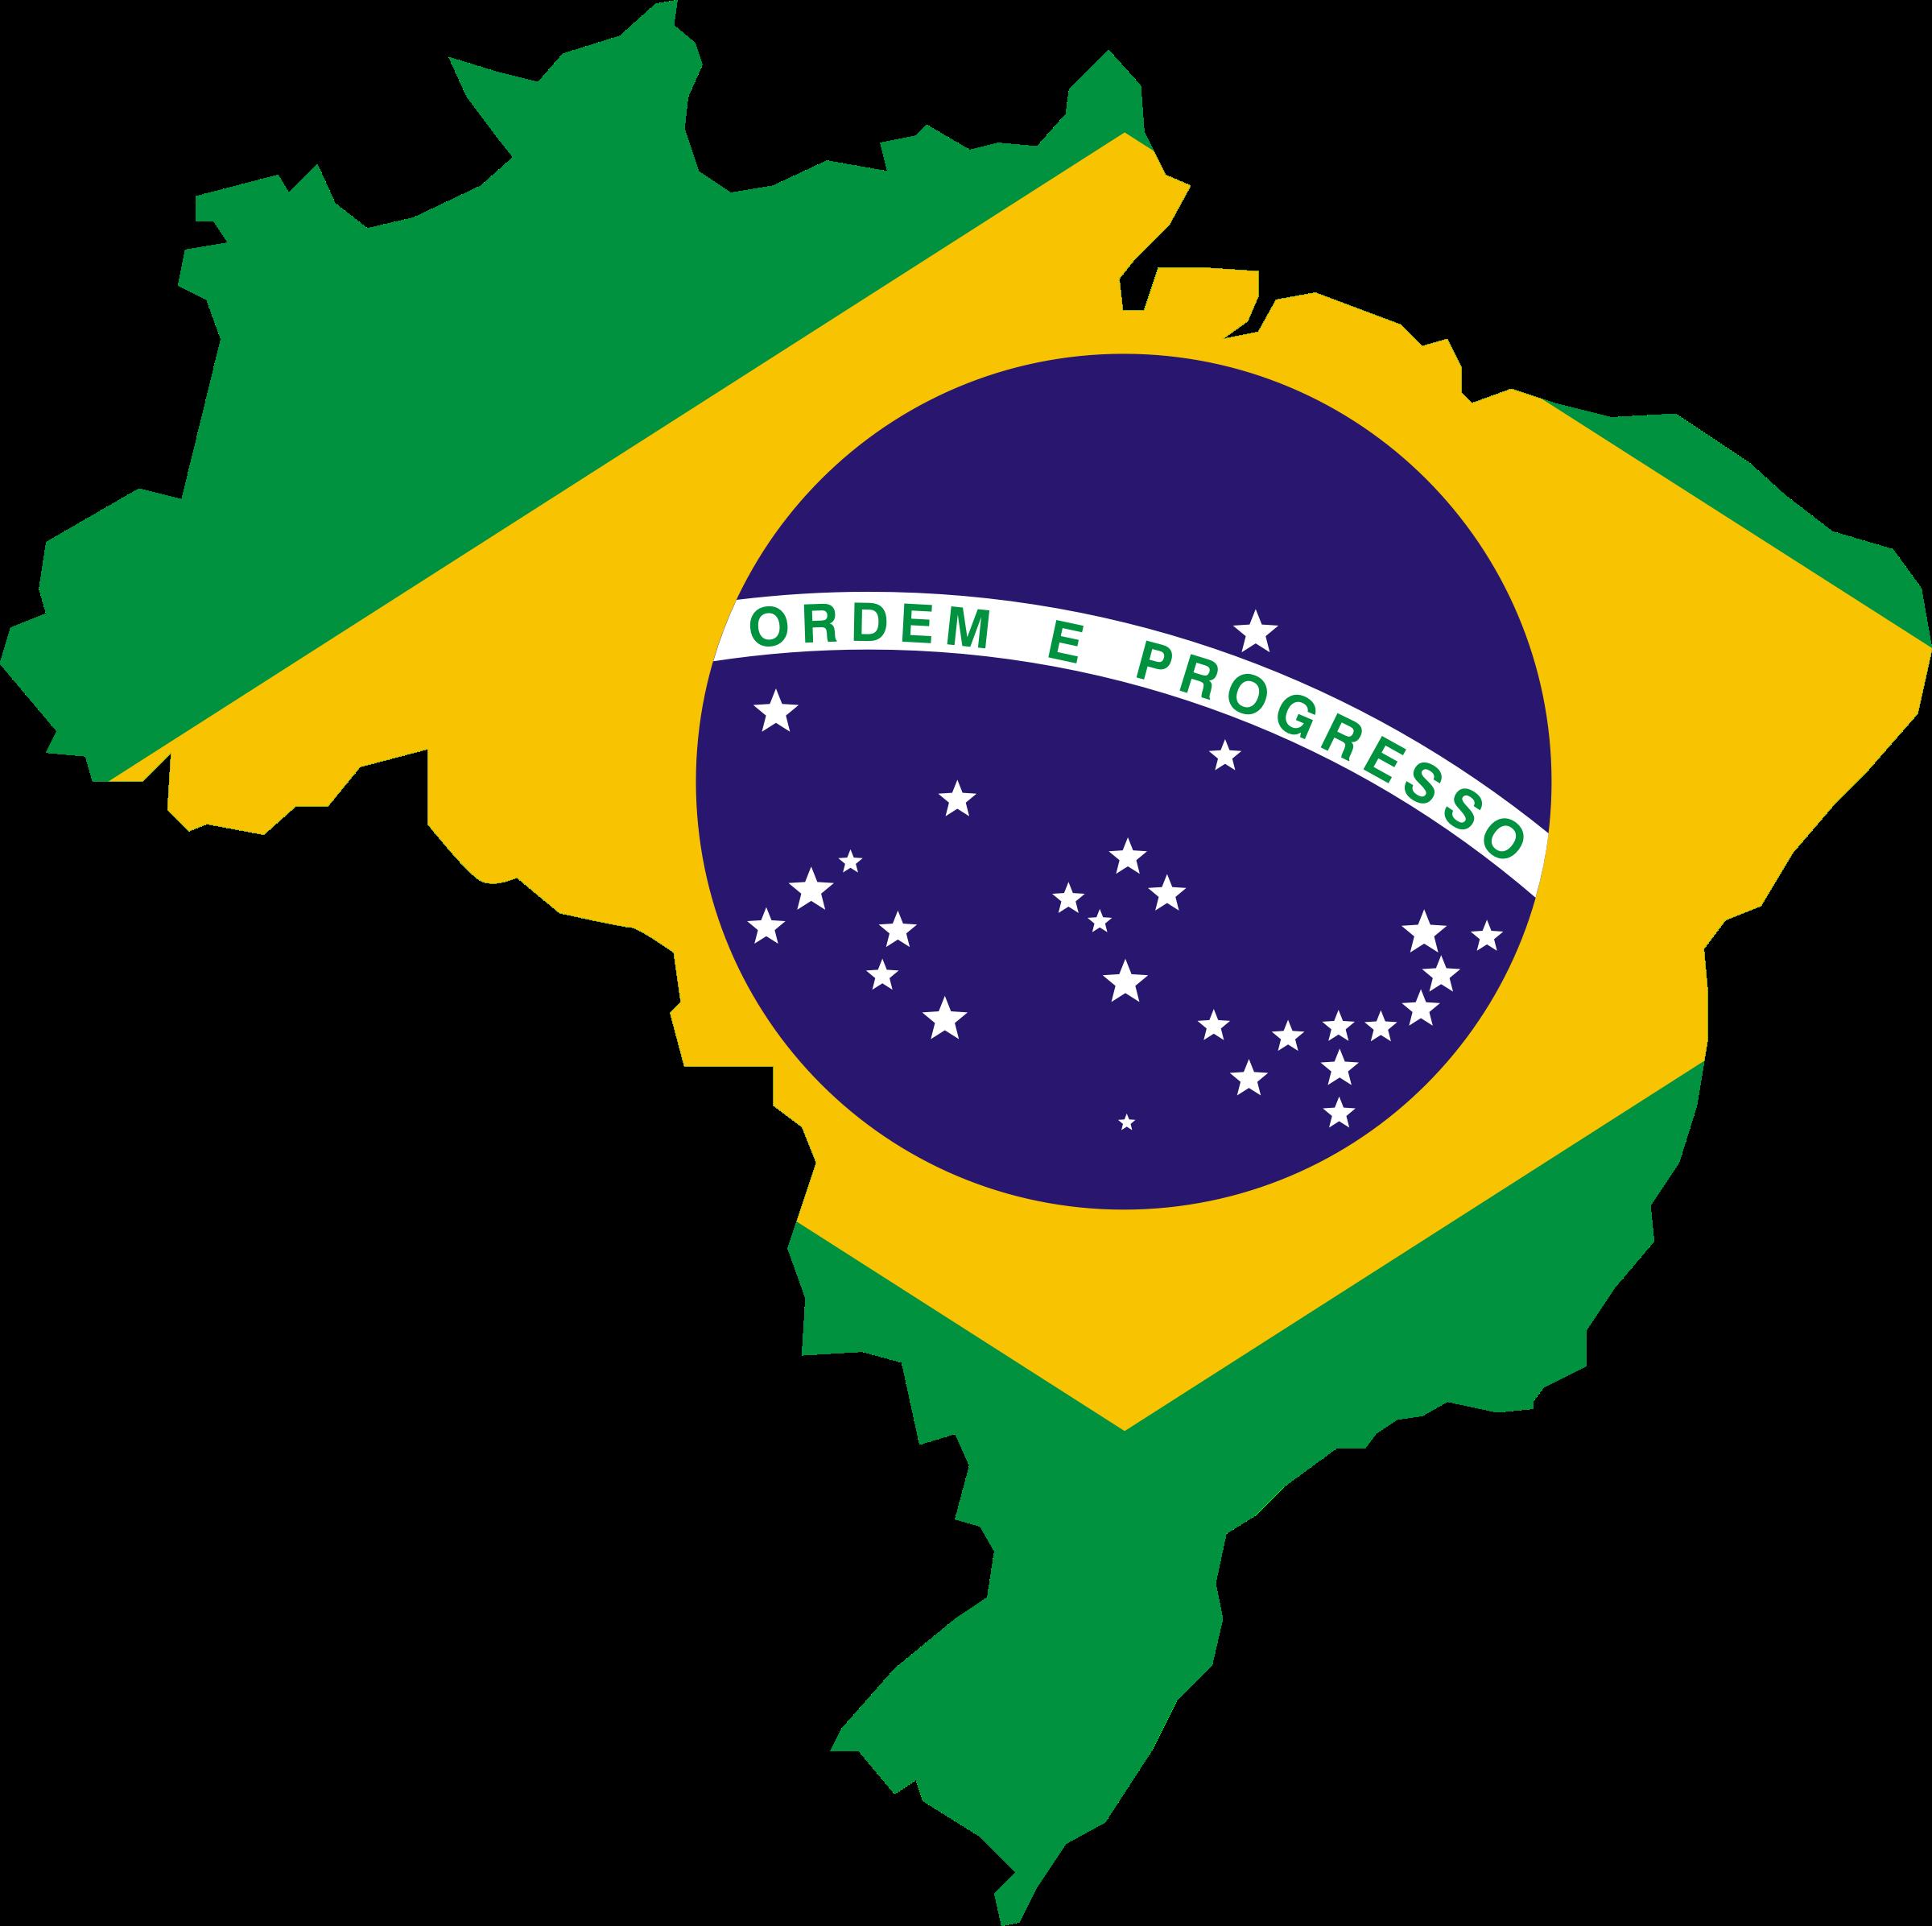 mapa-brasil-png